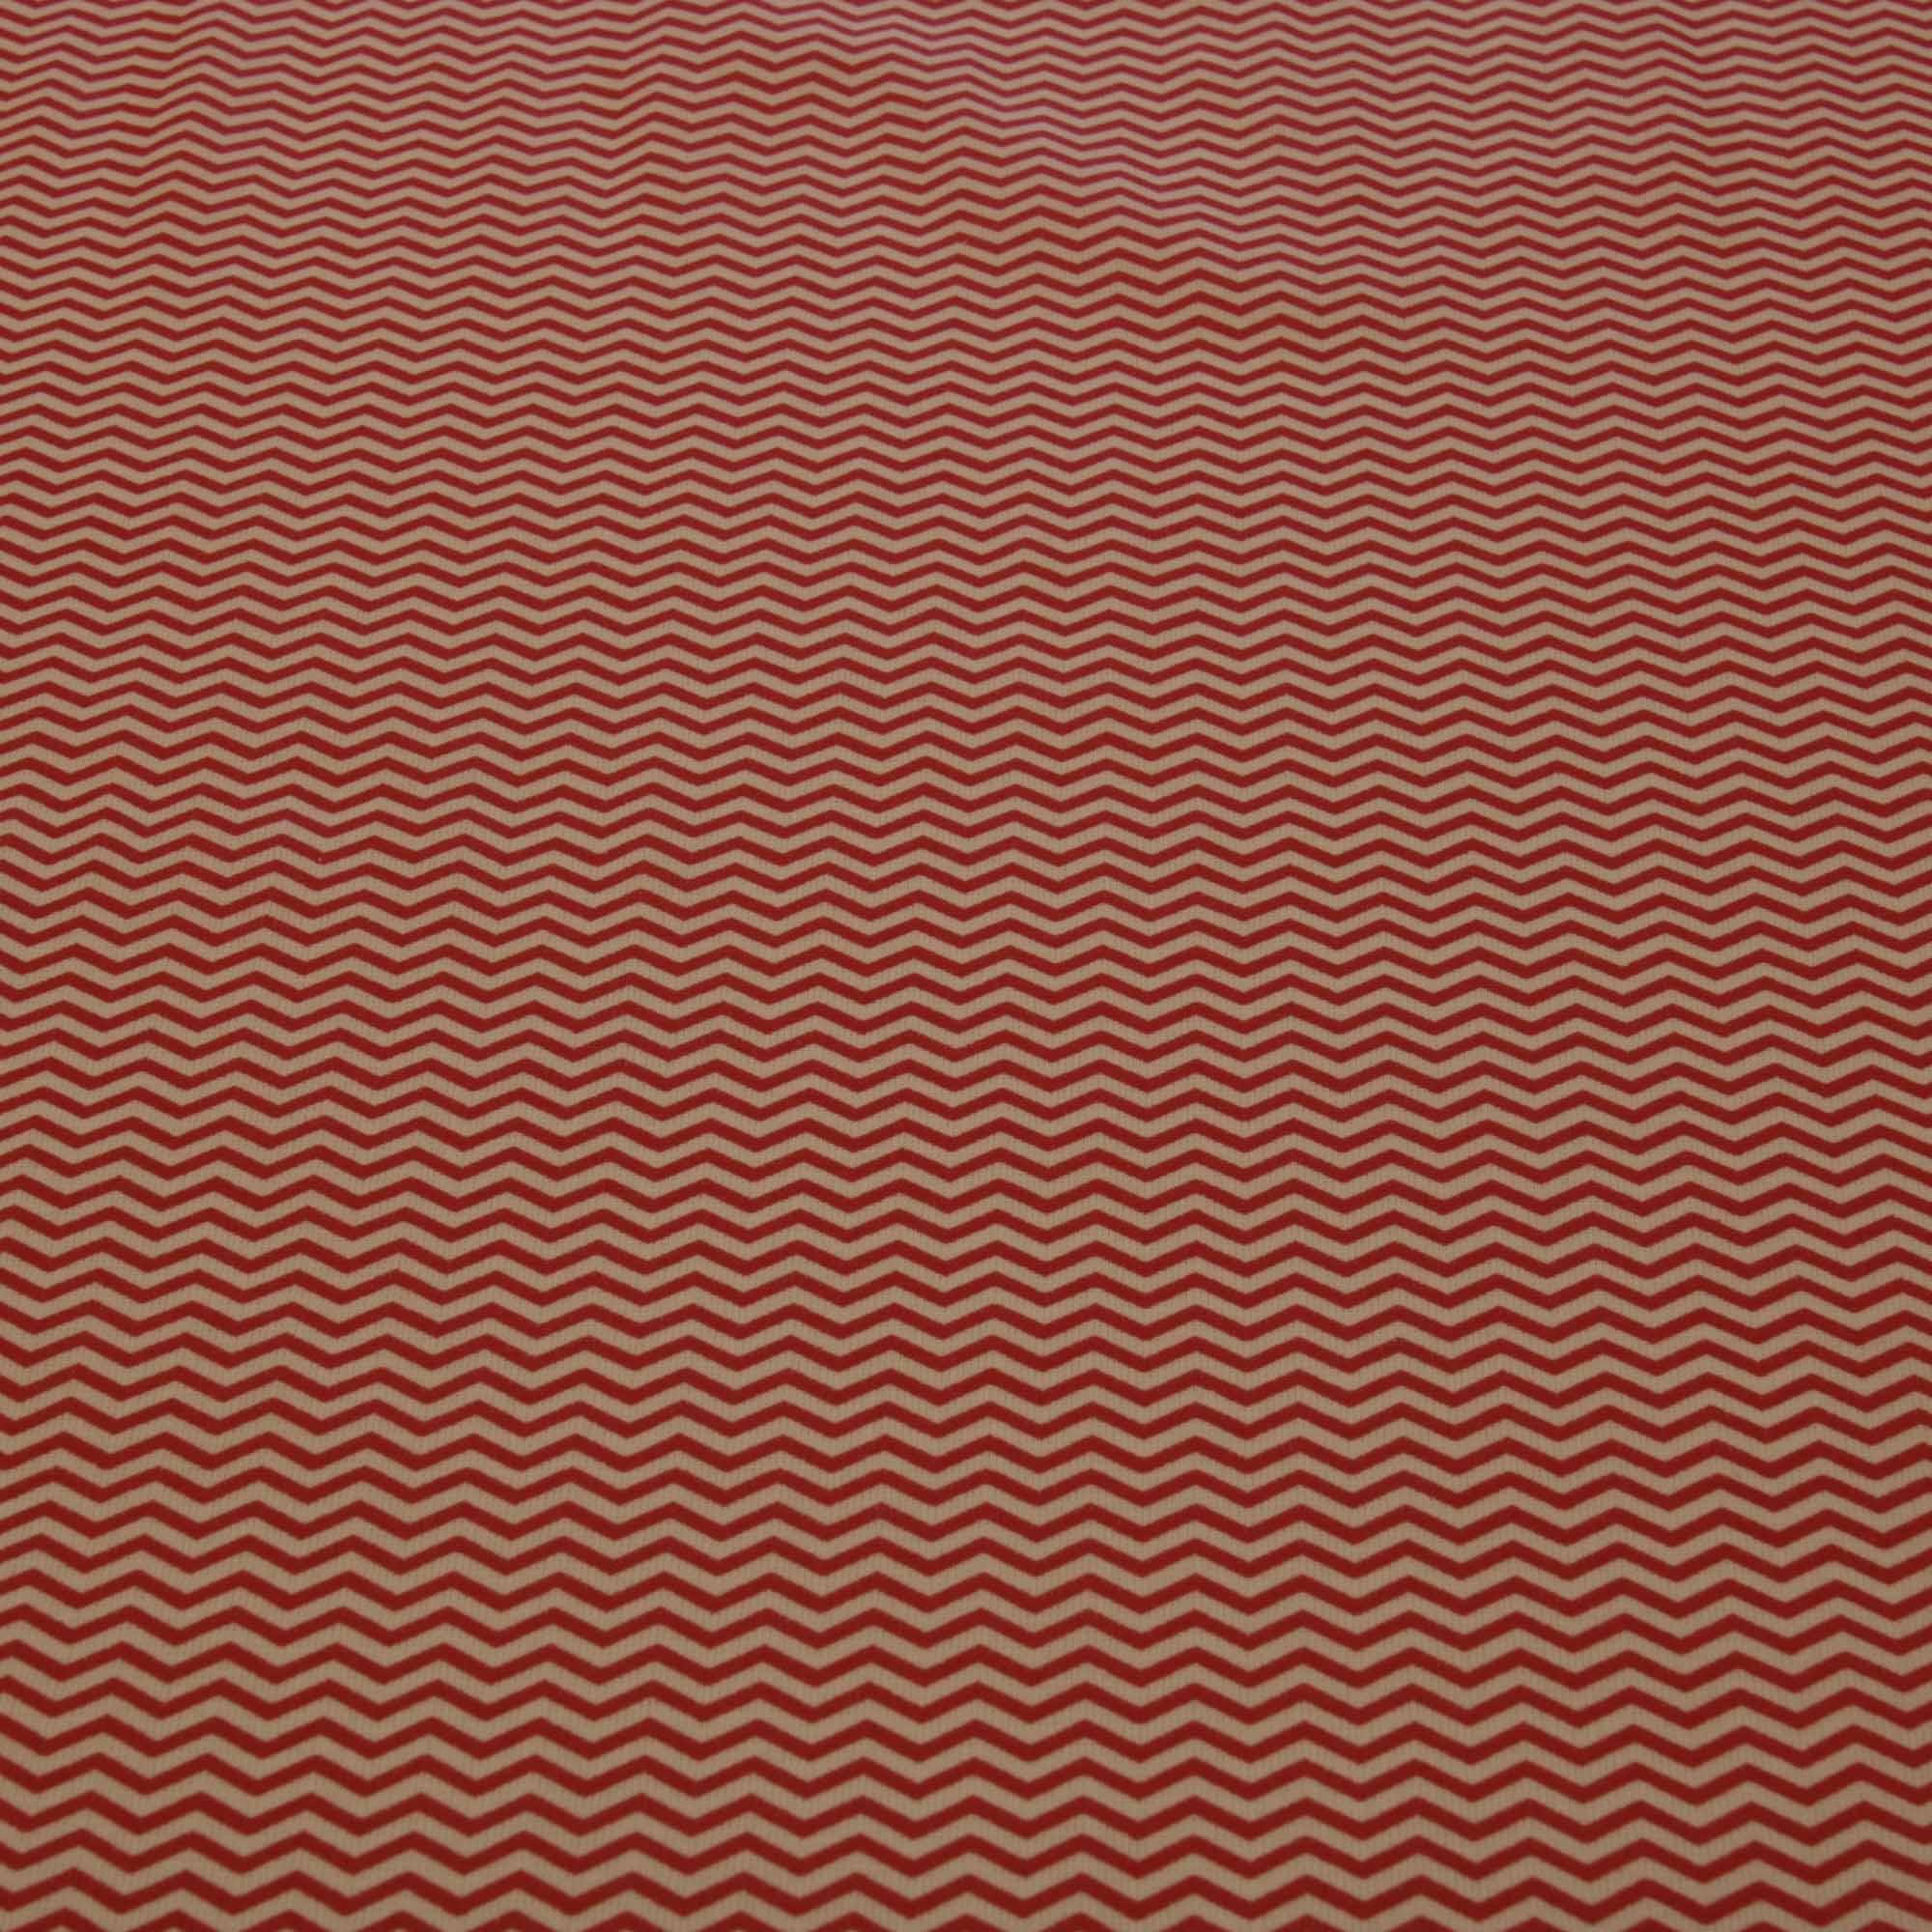 Tecido tricoline estampado chevron 1,40 m largura vermelho